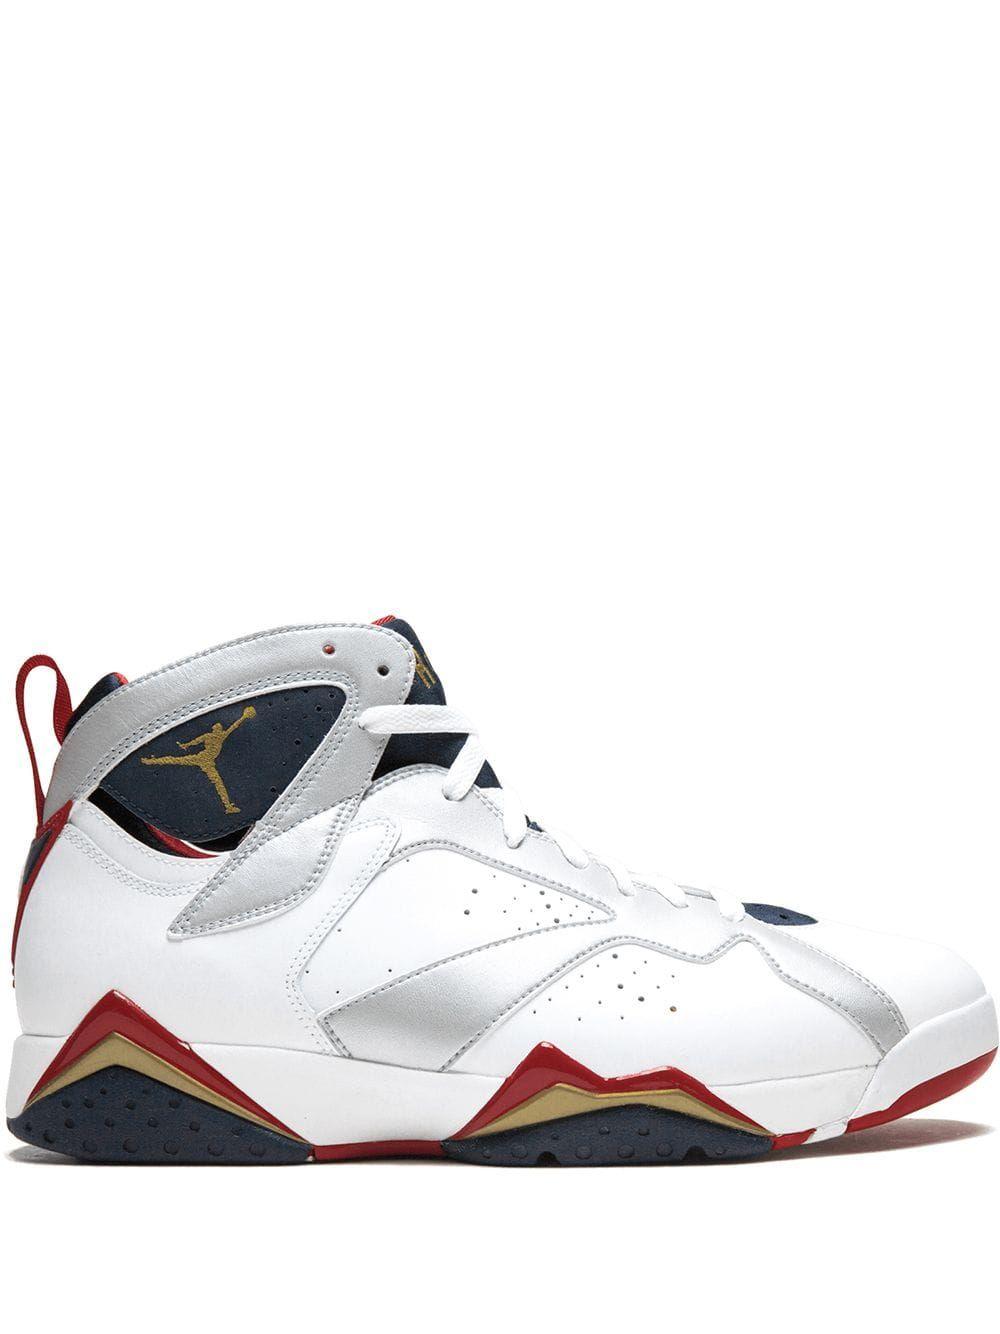 Jordan Air Jordan 7 Retro Sneakers | Products in 2019